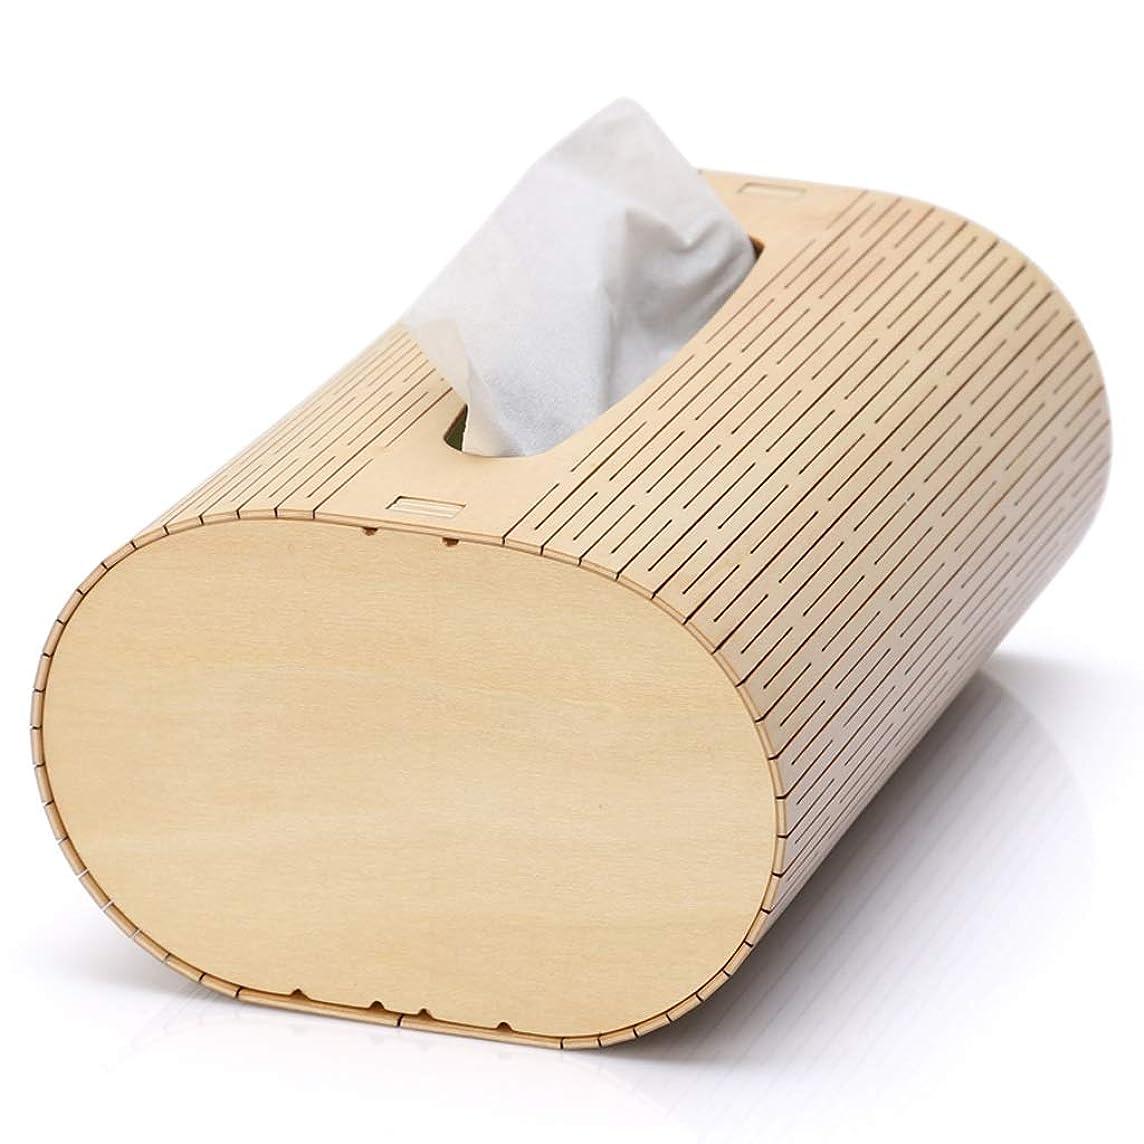 逃れる範囲エチケット木製ティッシュボックスヨーロッパデスクトップ紙箱リビングルームテーブルナプキン収納ボックス木製収納ペーパータオルチューブ JSFQ